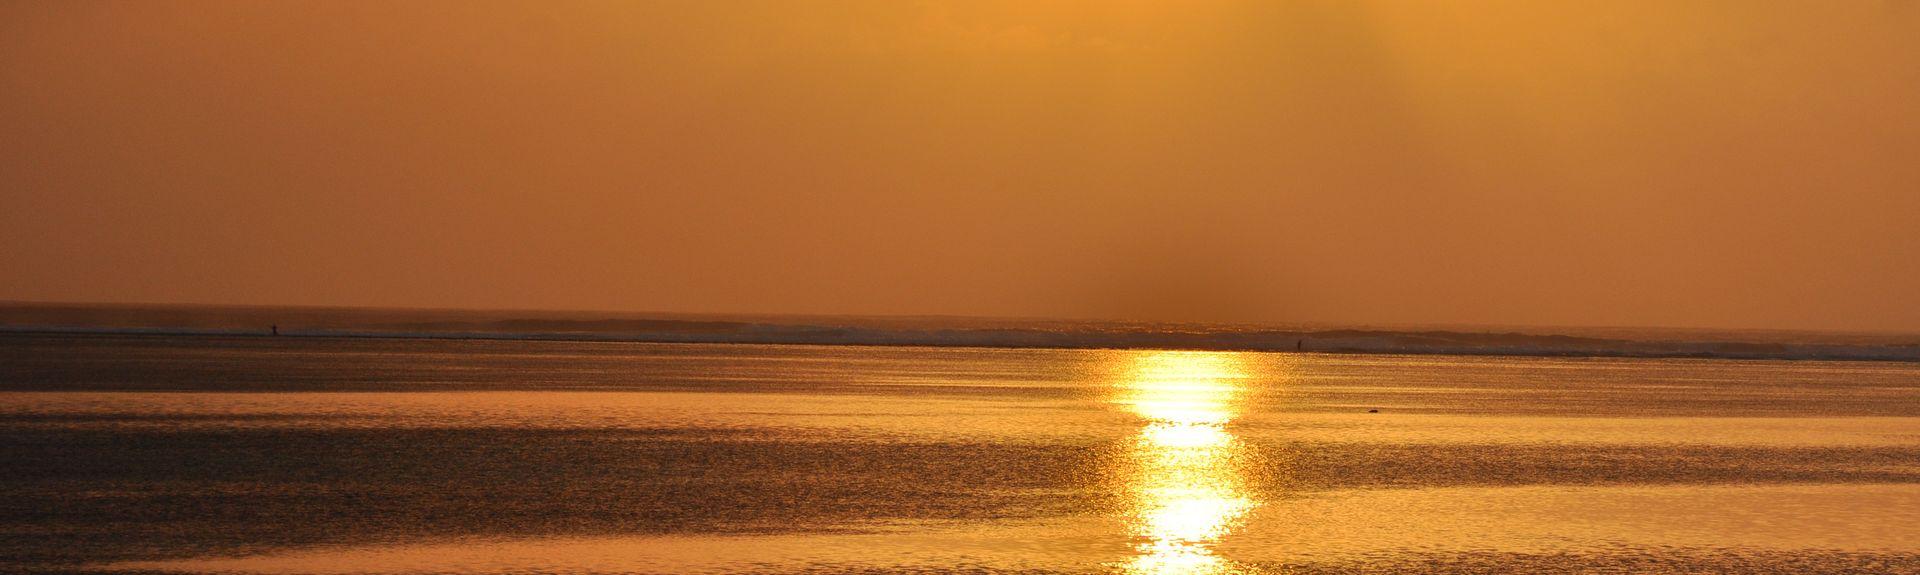 Nungwi Beach, Nungwi, Unguja North Region, Tanzania